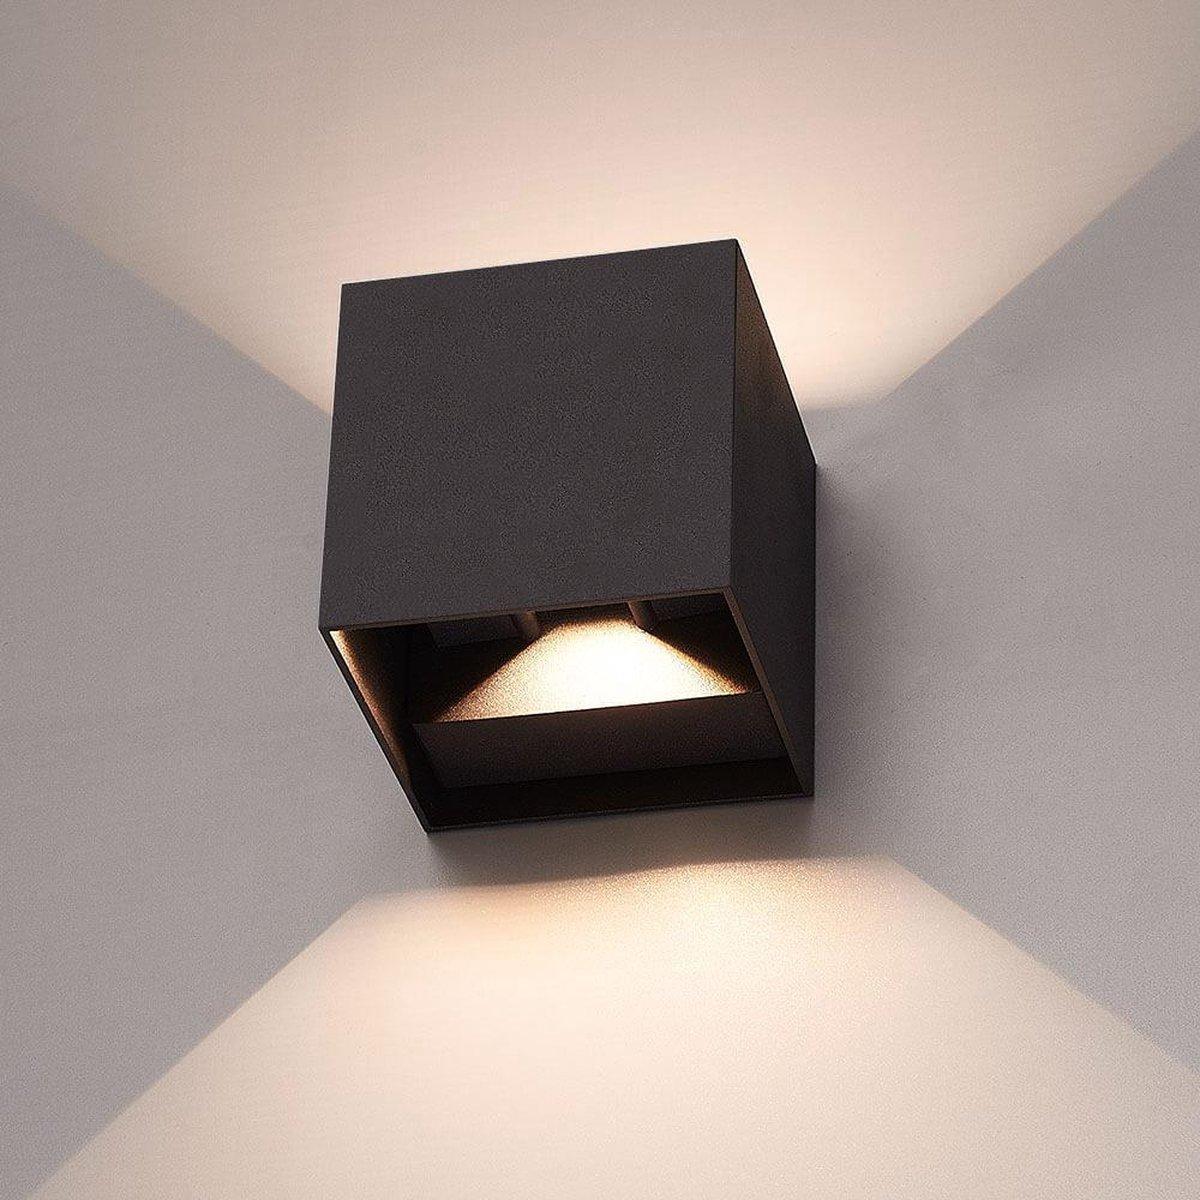 HOFTRONIC  Wandlamp LED Zwart - Kubus tweezijdig oplichtend - geschikt voor binnen en buiten